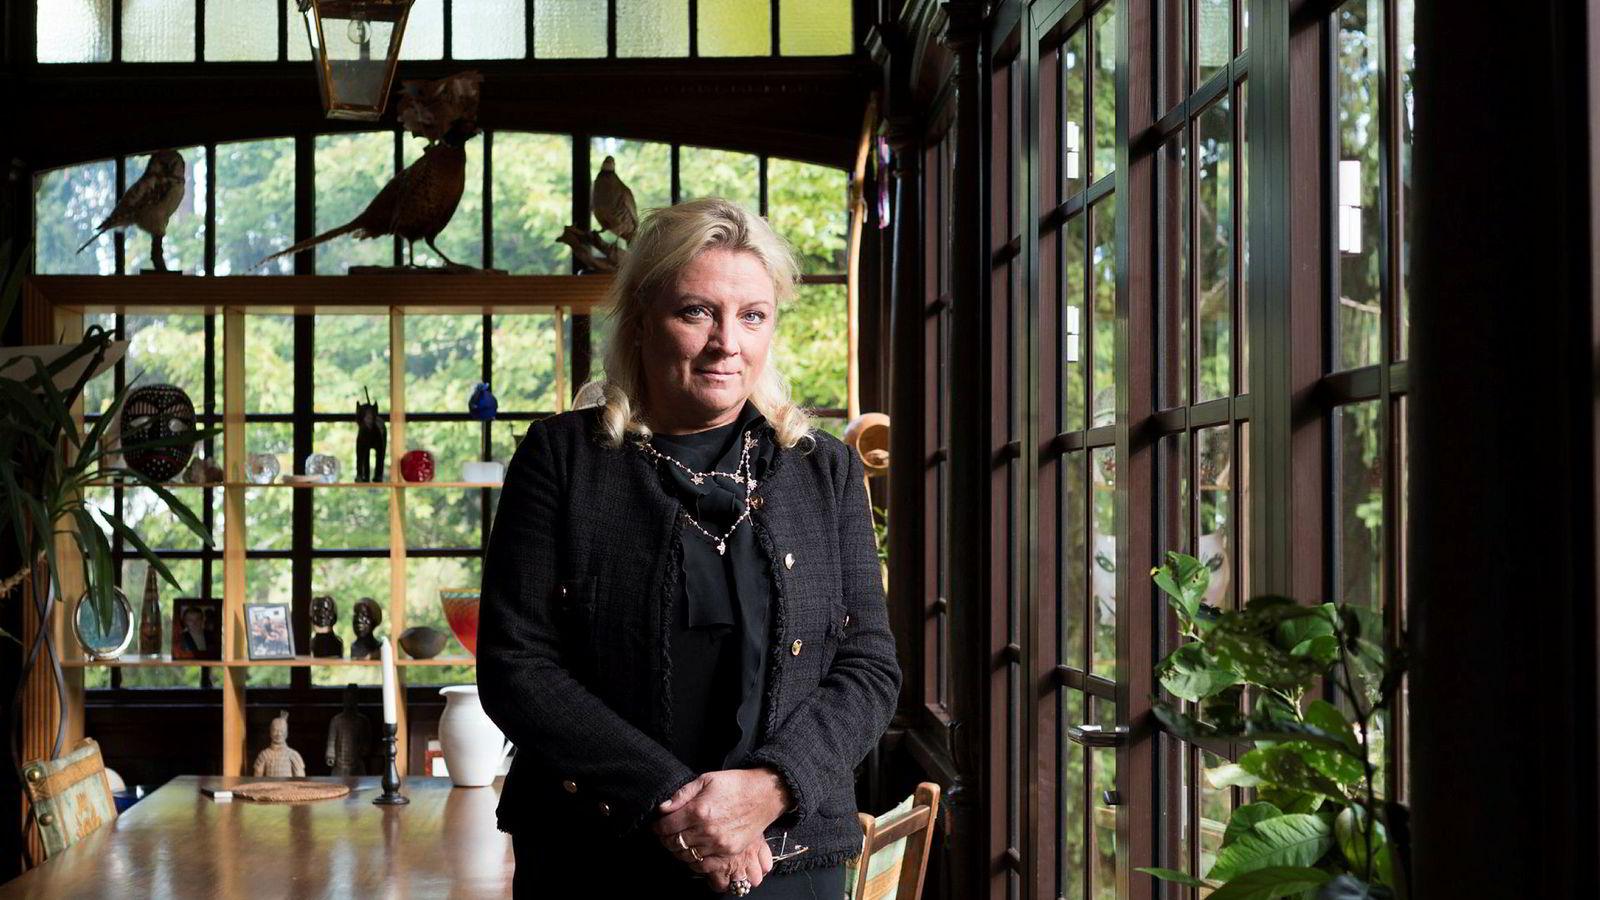 – Jeg hadde trodd det skulle falle, men at det skulle falle så mye var et sjokk, sier Ragnhild Wiborg, som var investeringsdirektør i hedgefondet Concepio i 2008.